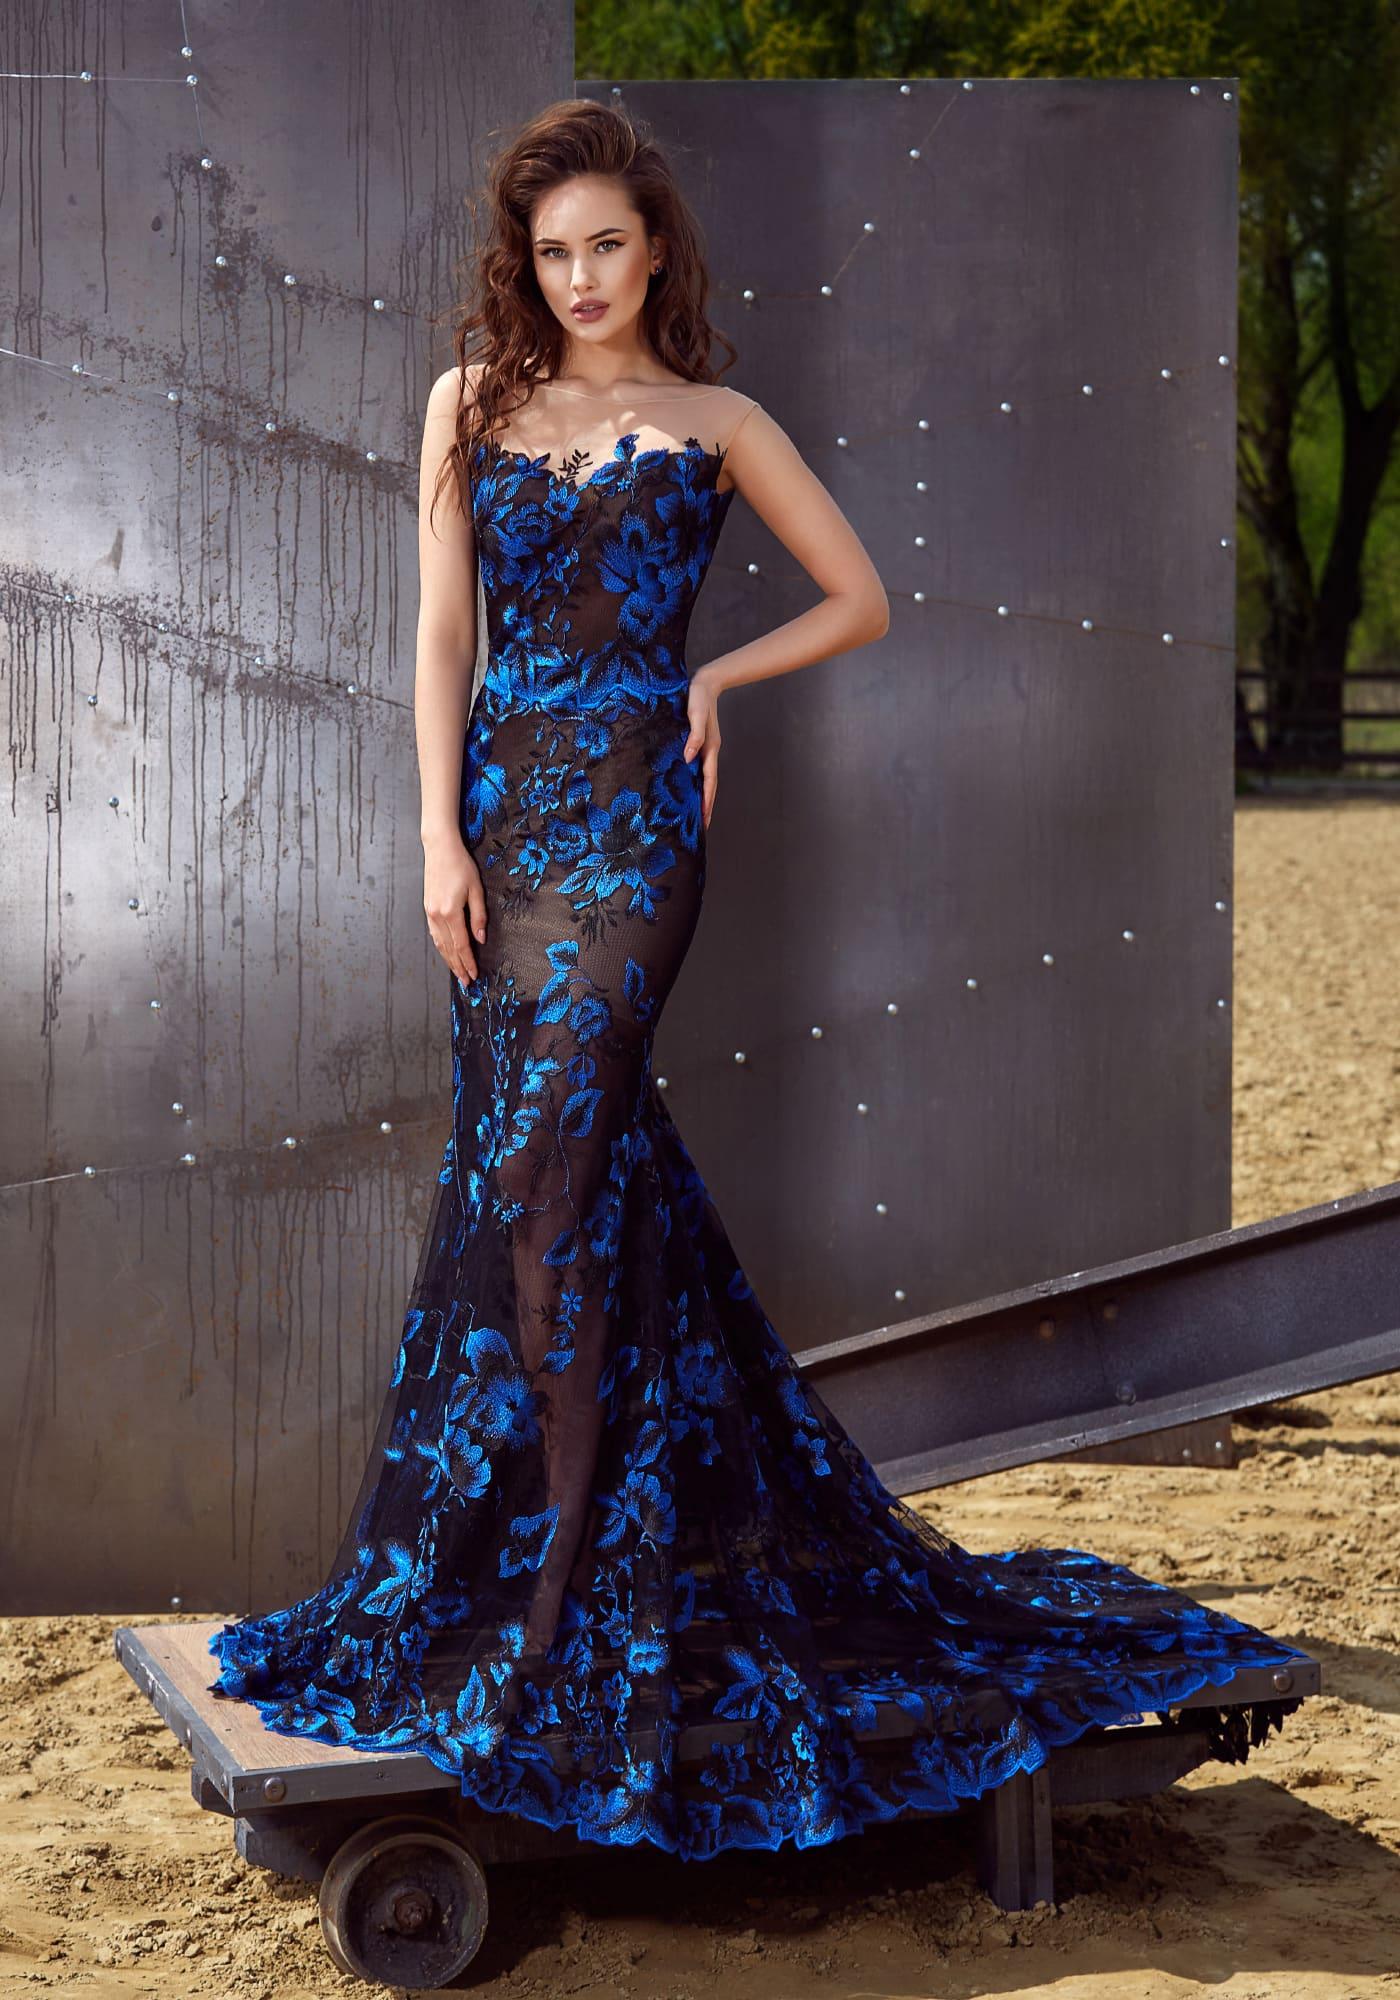 Черное платье с синими цветами фото